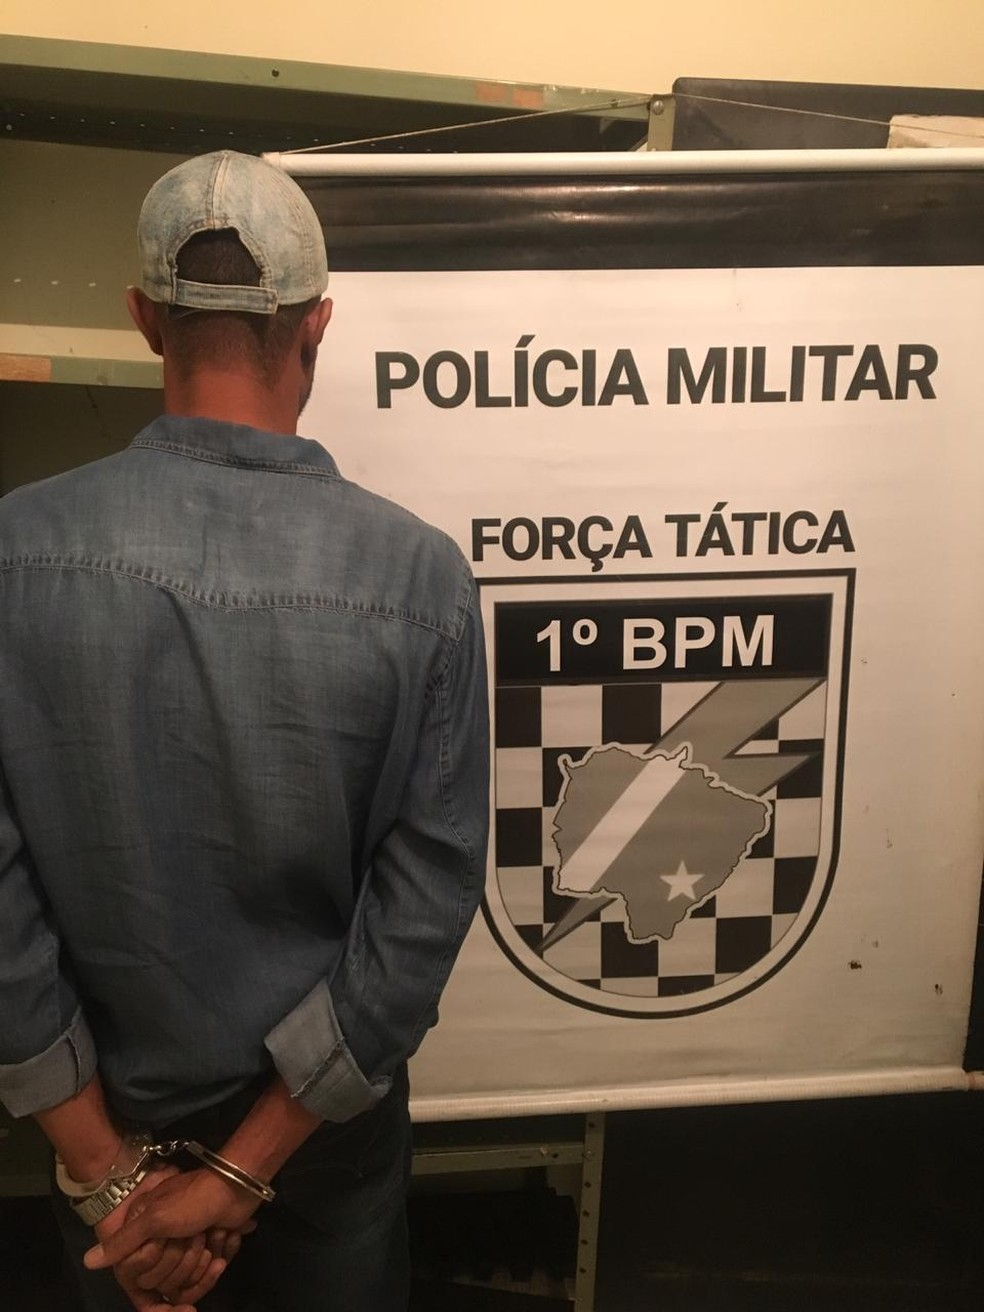 Suspeito foi indiciado por porte ilegal de arma de fogo em MS — Foto: Polícia Militar/Divulgação